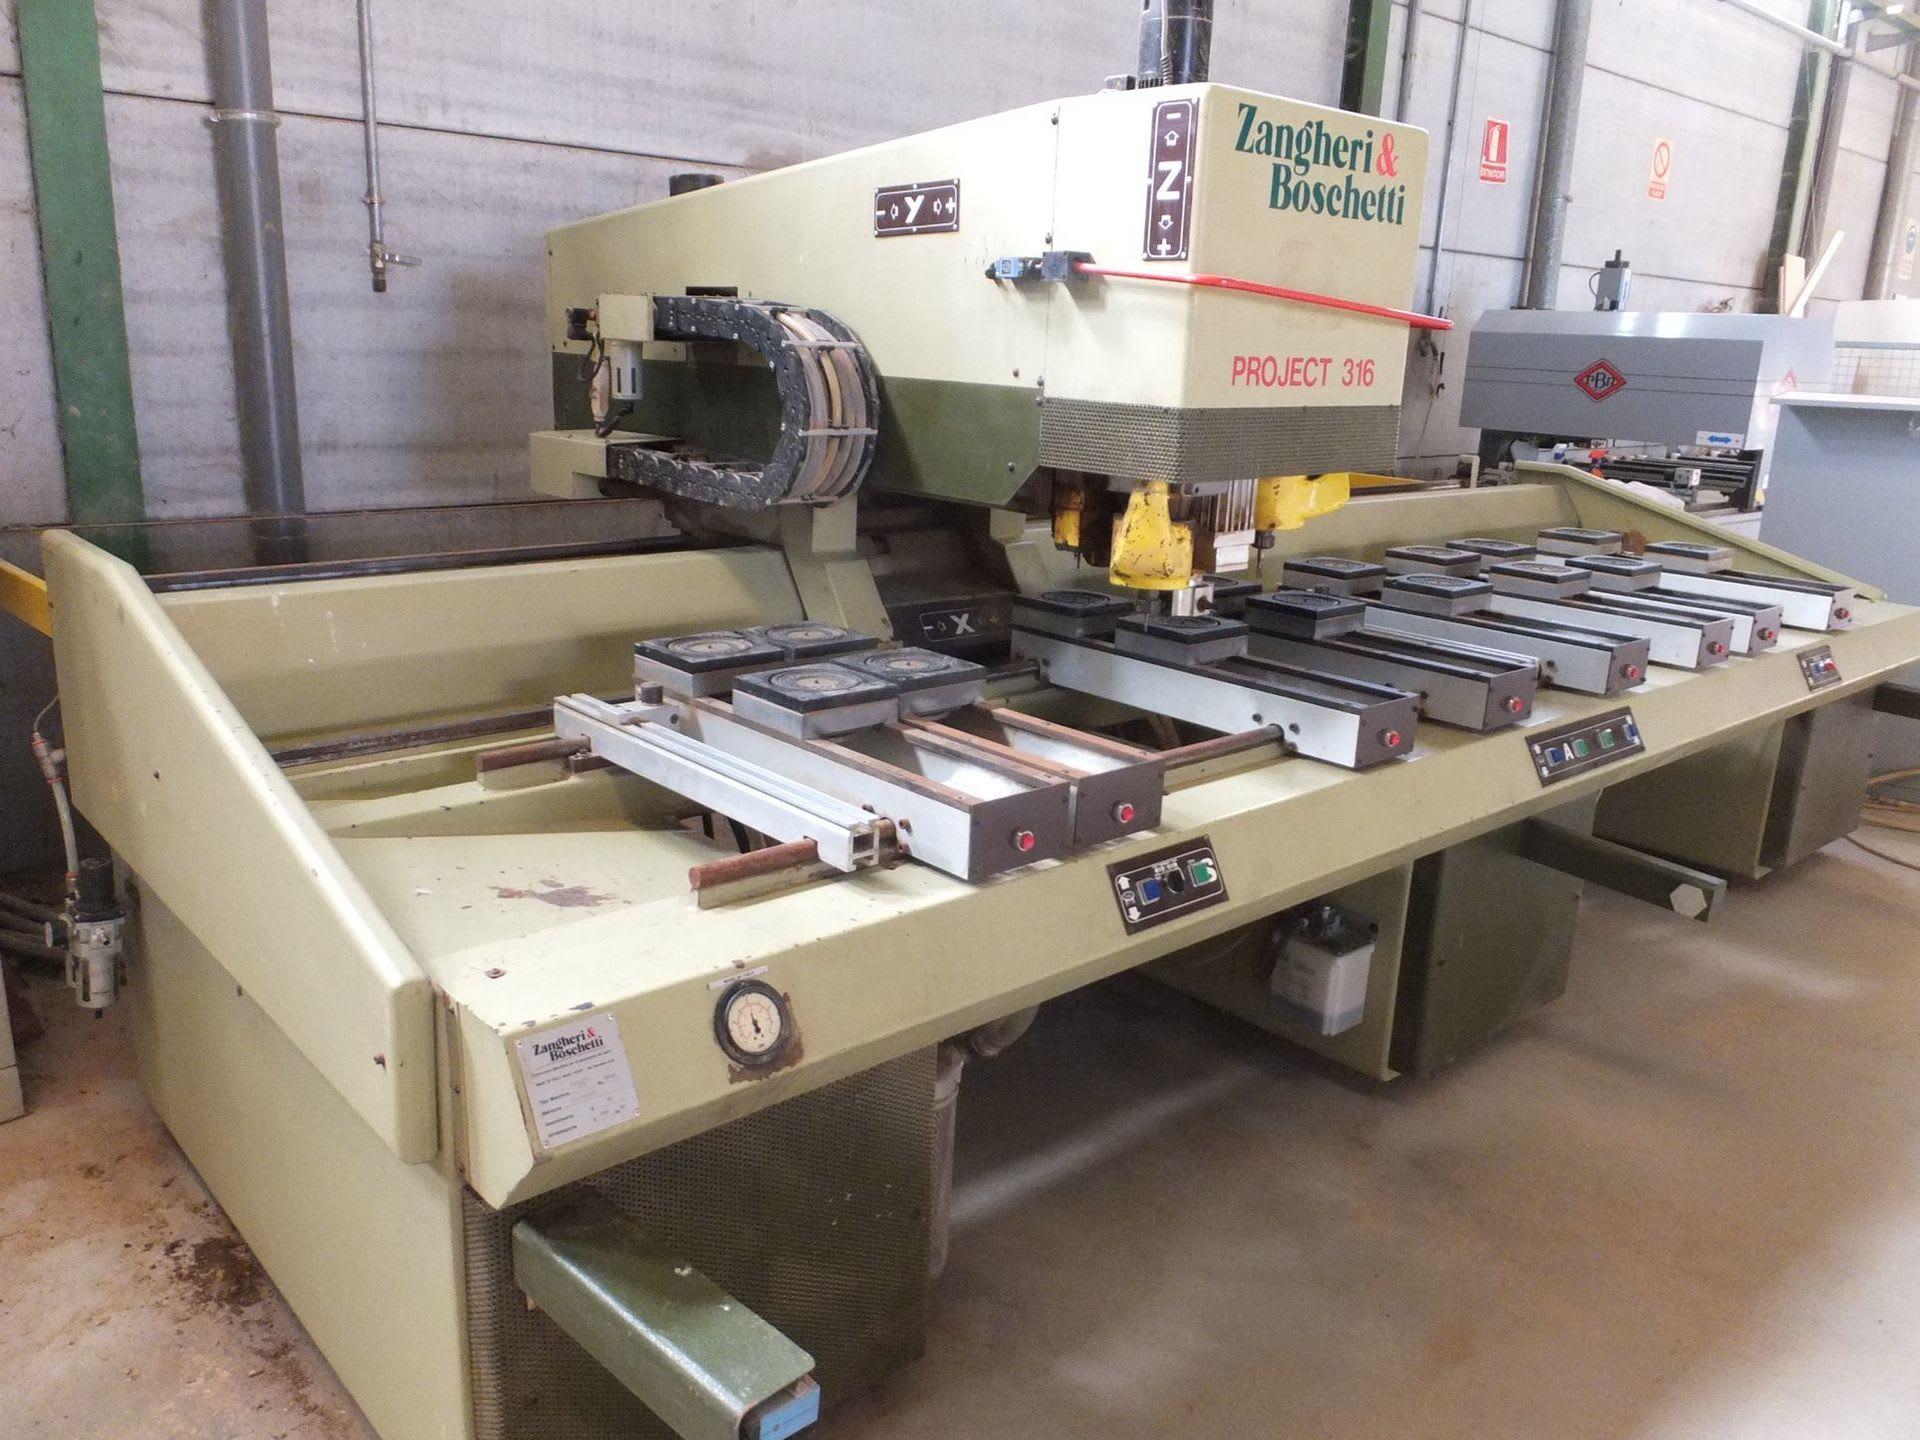 ZANGHERI & BOSCHETTI PROJECT 316 CNC-Bearbeitungszentrum